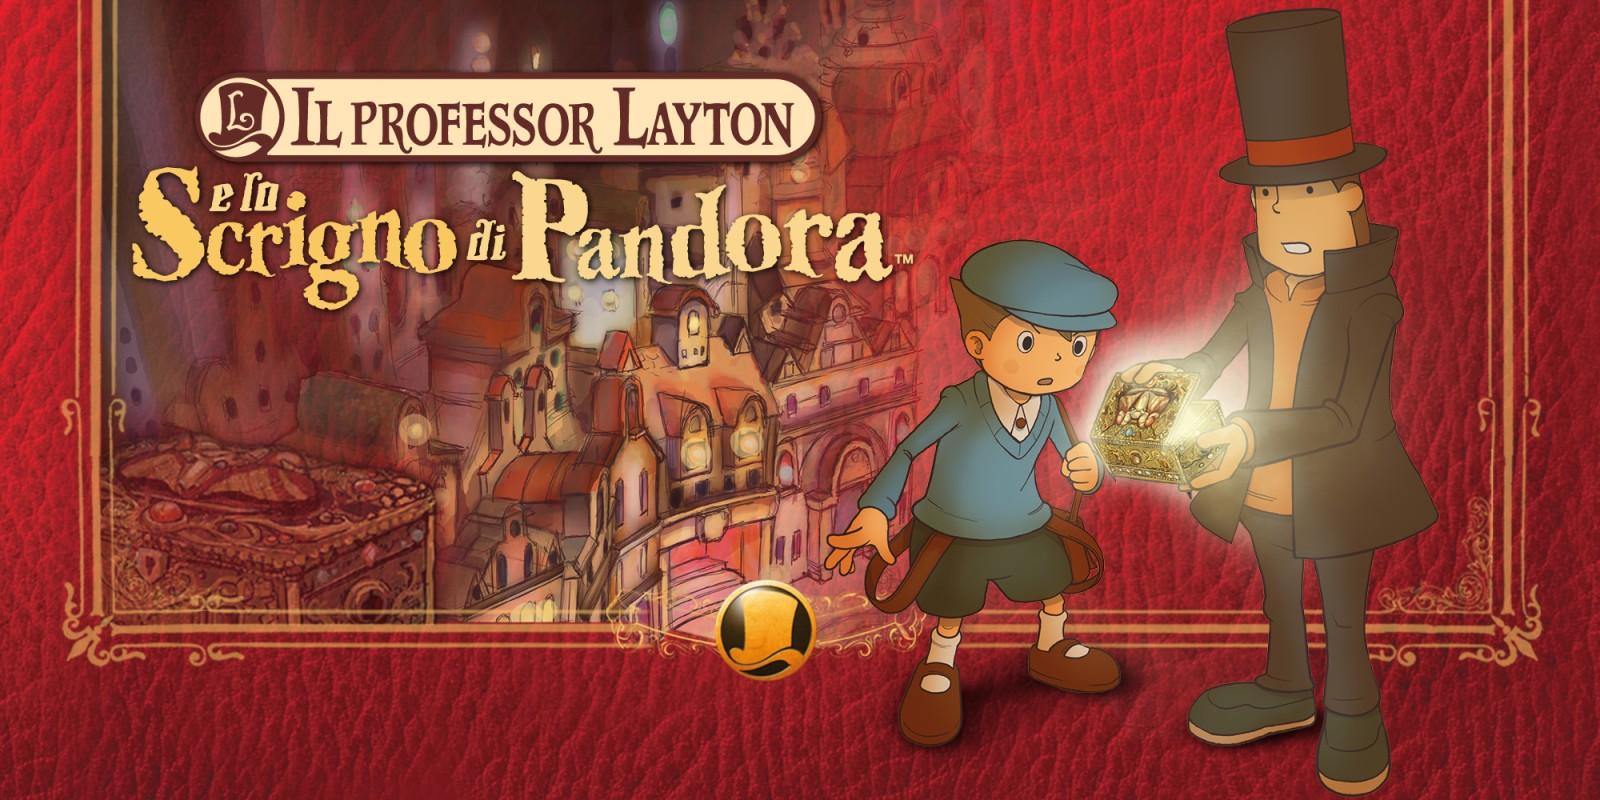 """H2x1 NDS ProfessorLaytonAndPandorasBox itIT image1600w - La saga del """"Professor Layton"""": bellissimi ricordi che si intrecciano con il presente"""